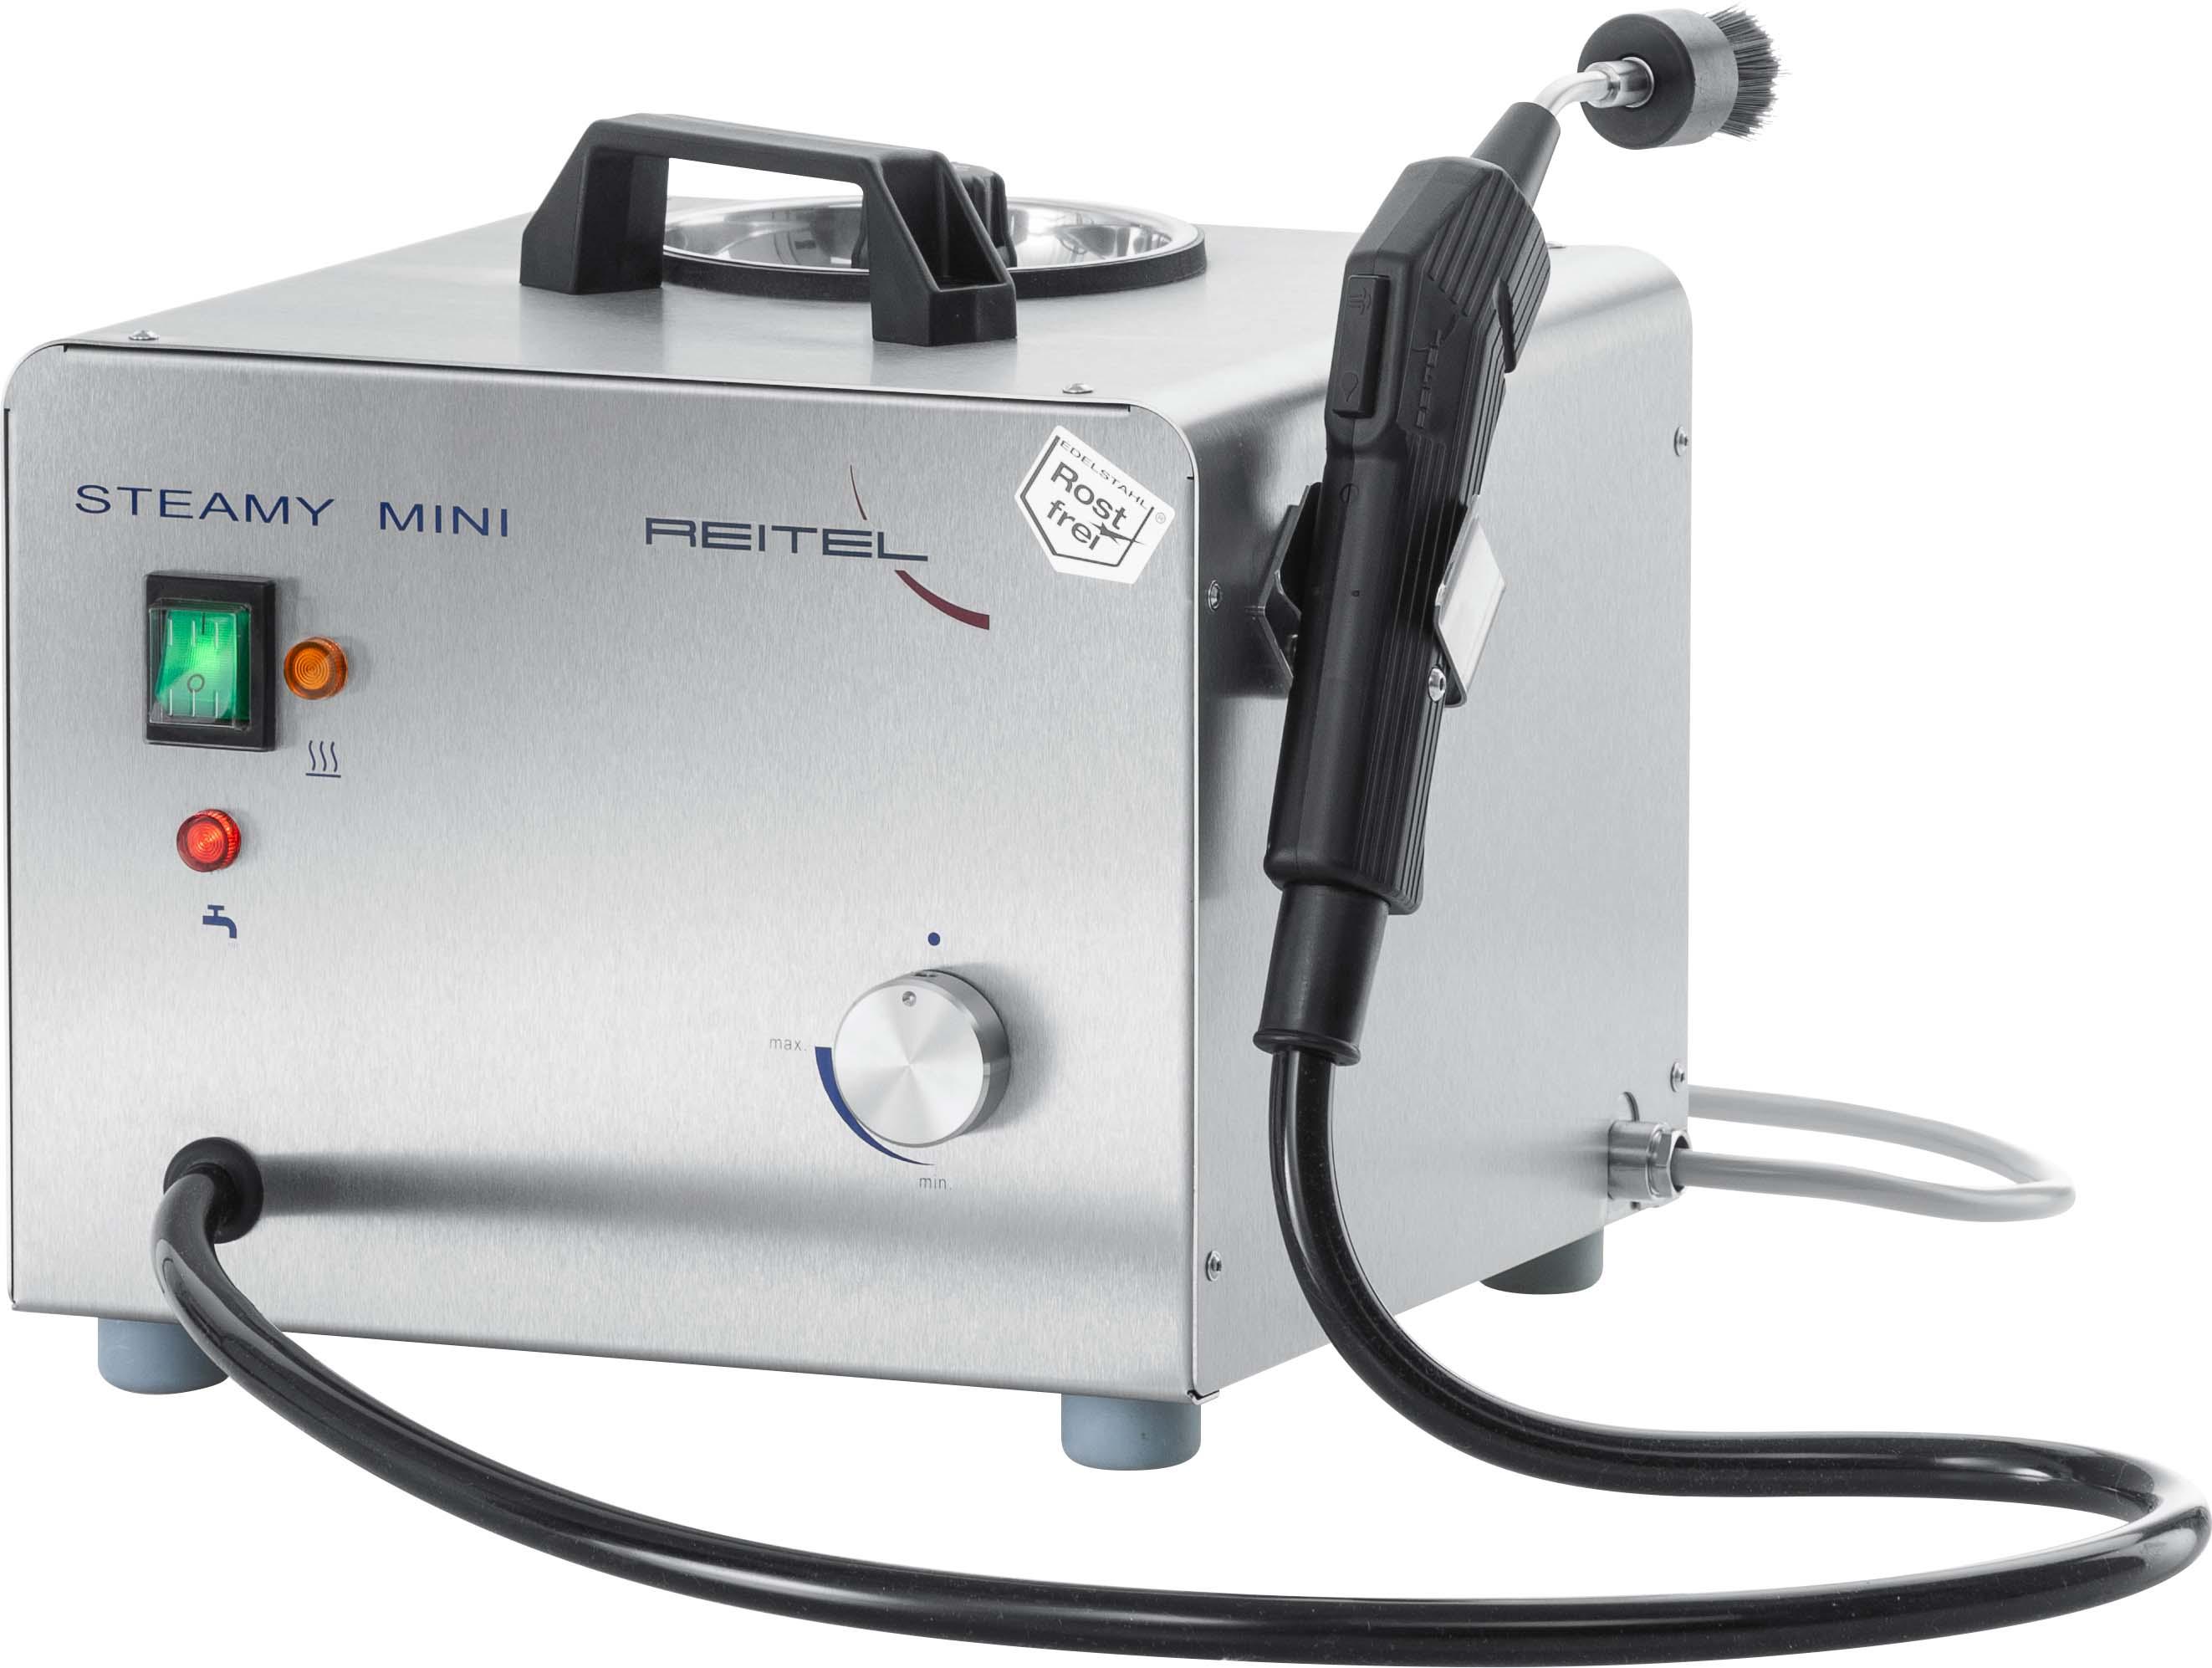 Dampfstrahlgerät Steamy-Mini Reitel